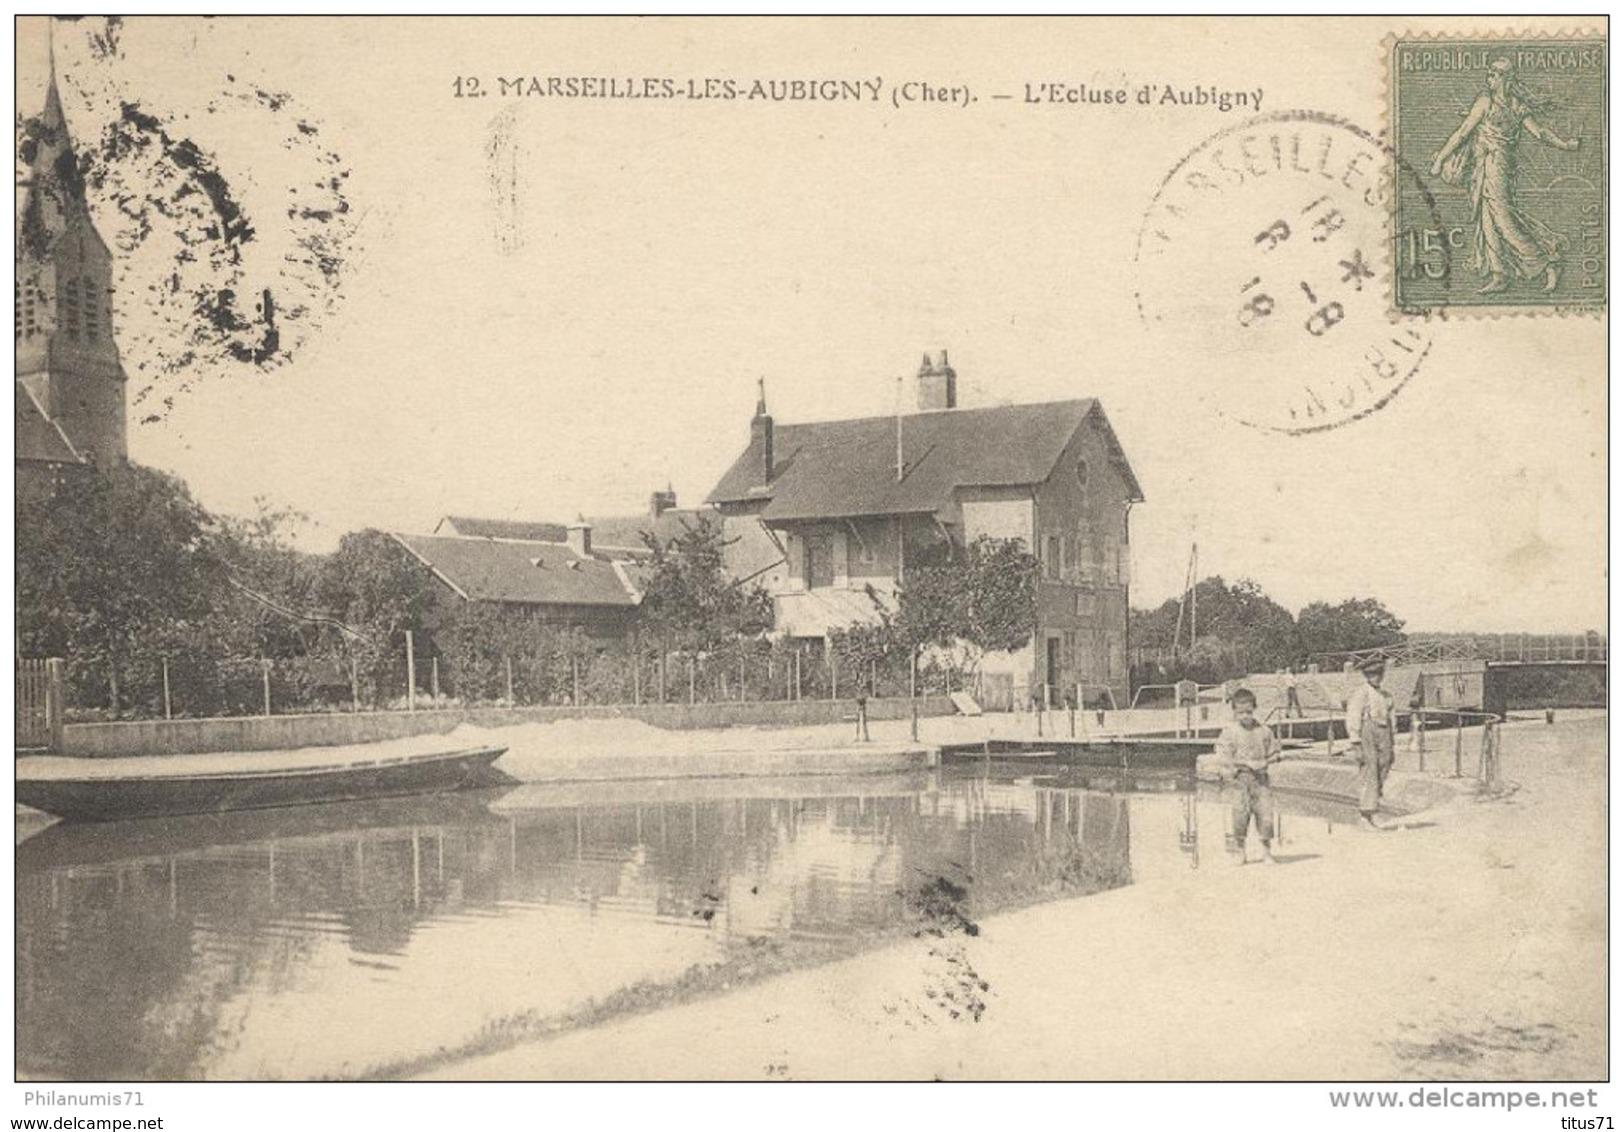 CPA - Marseille Les Aubigny - Ecluse D'Aubigny -  Circulé 1918 - Autres Communes